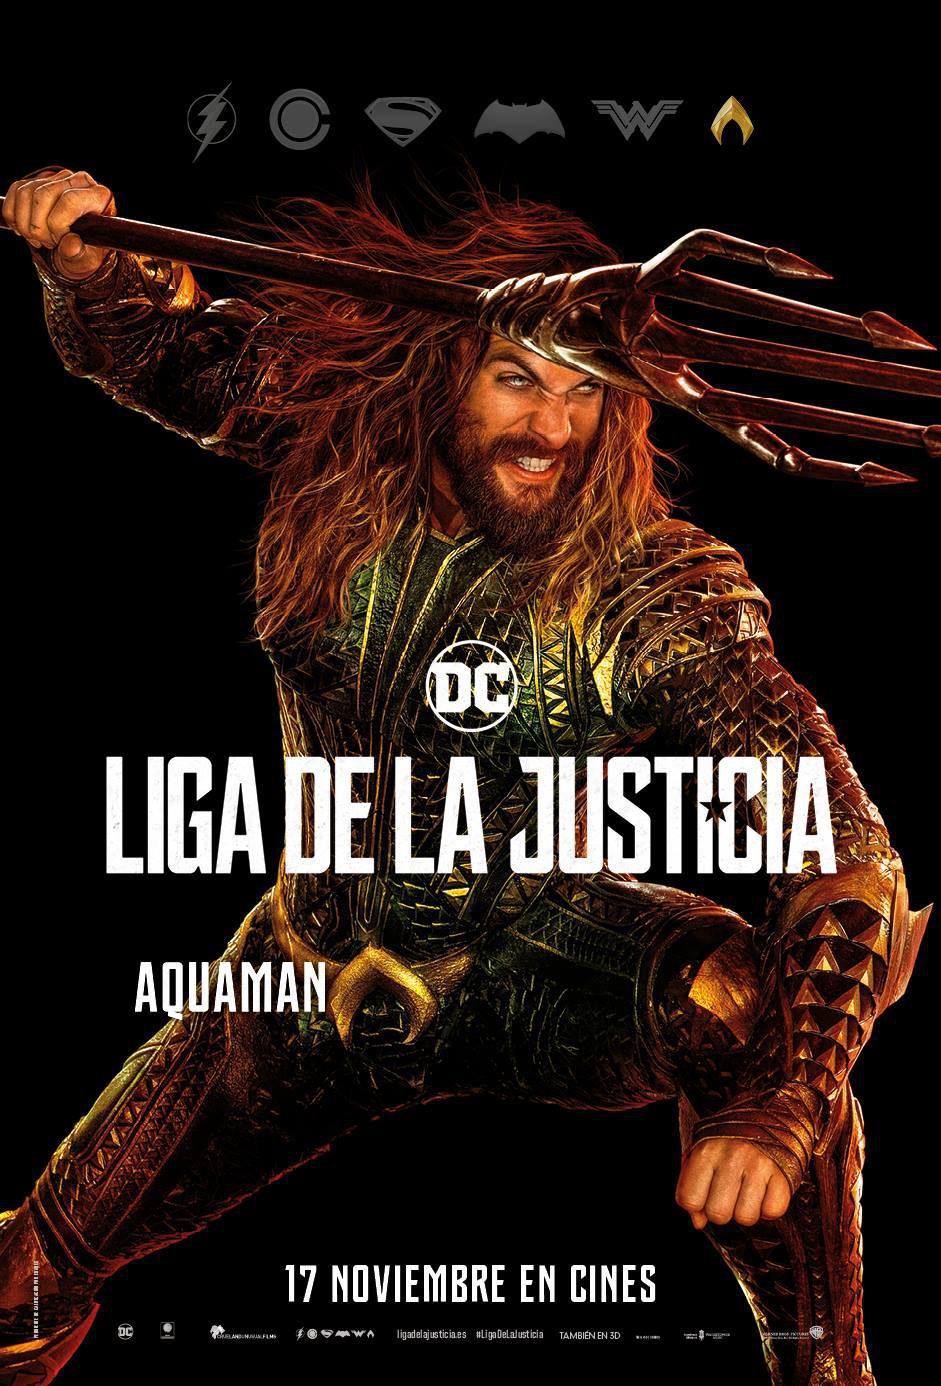 Cartel Aquaman de 'Liga de la Justicia'